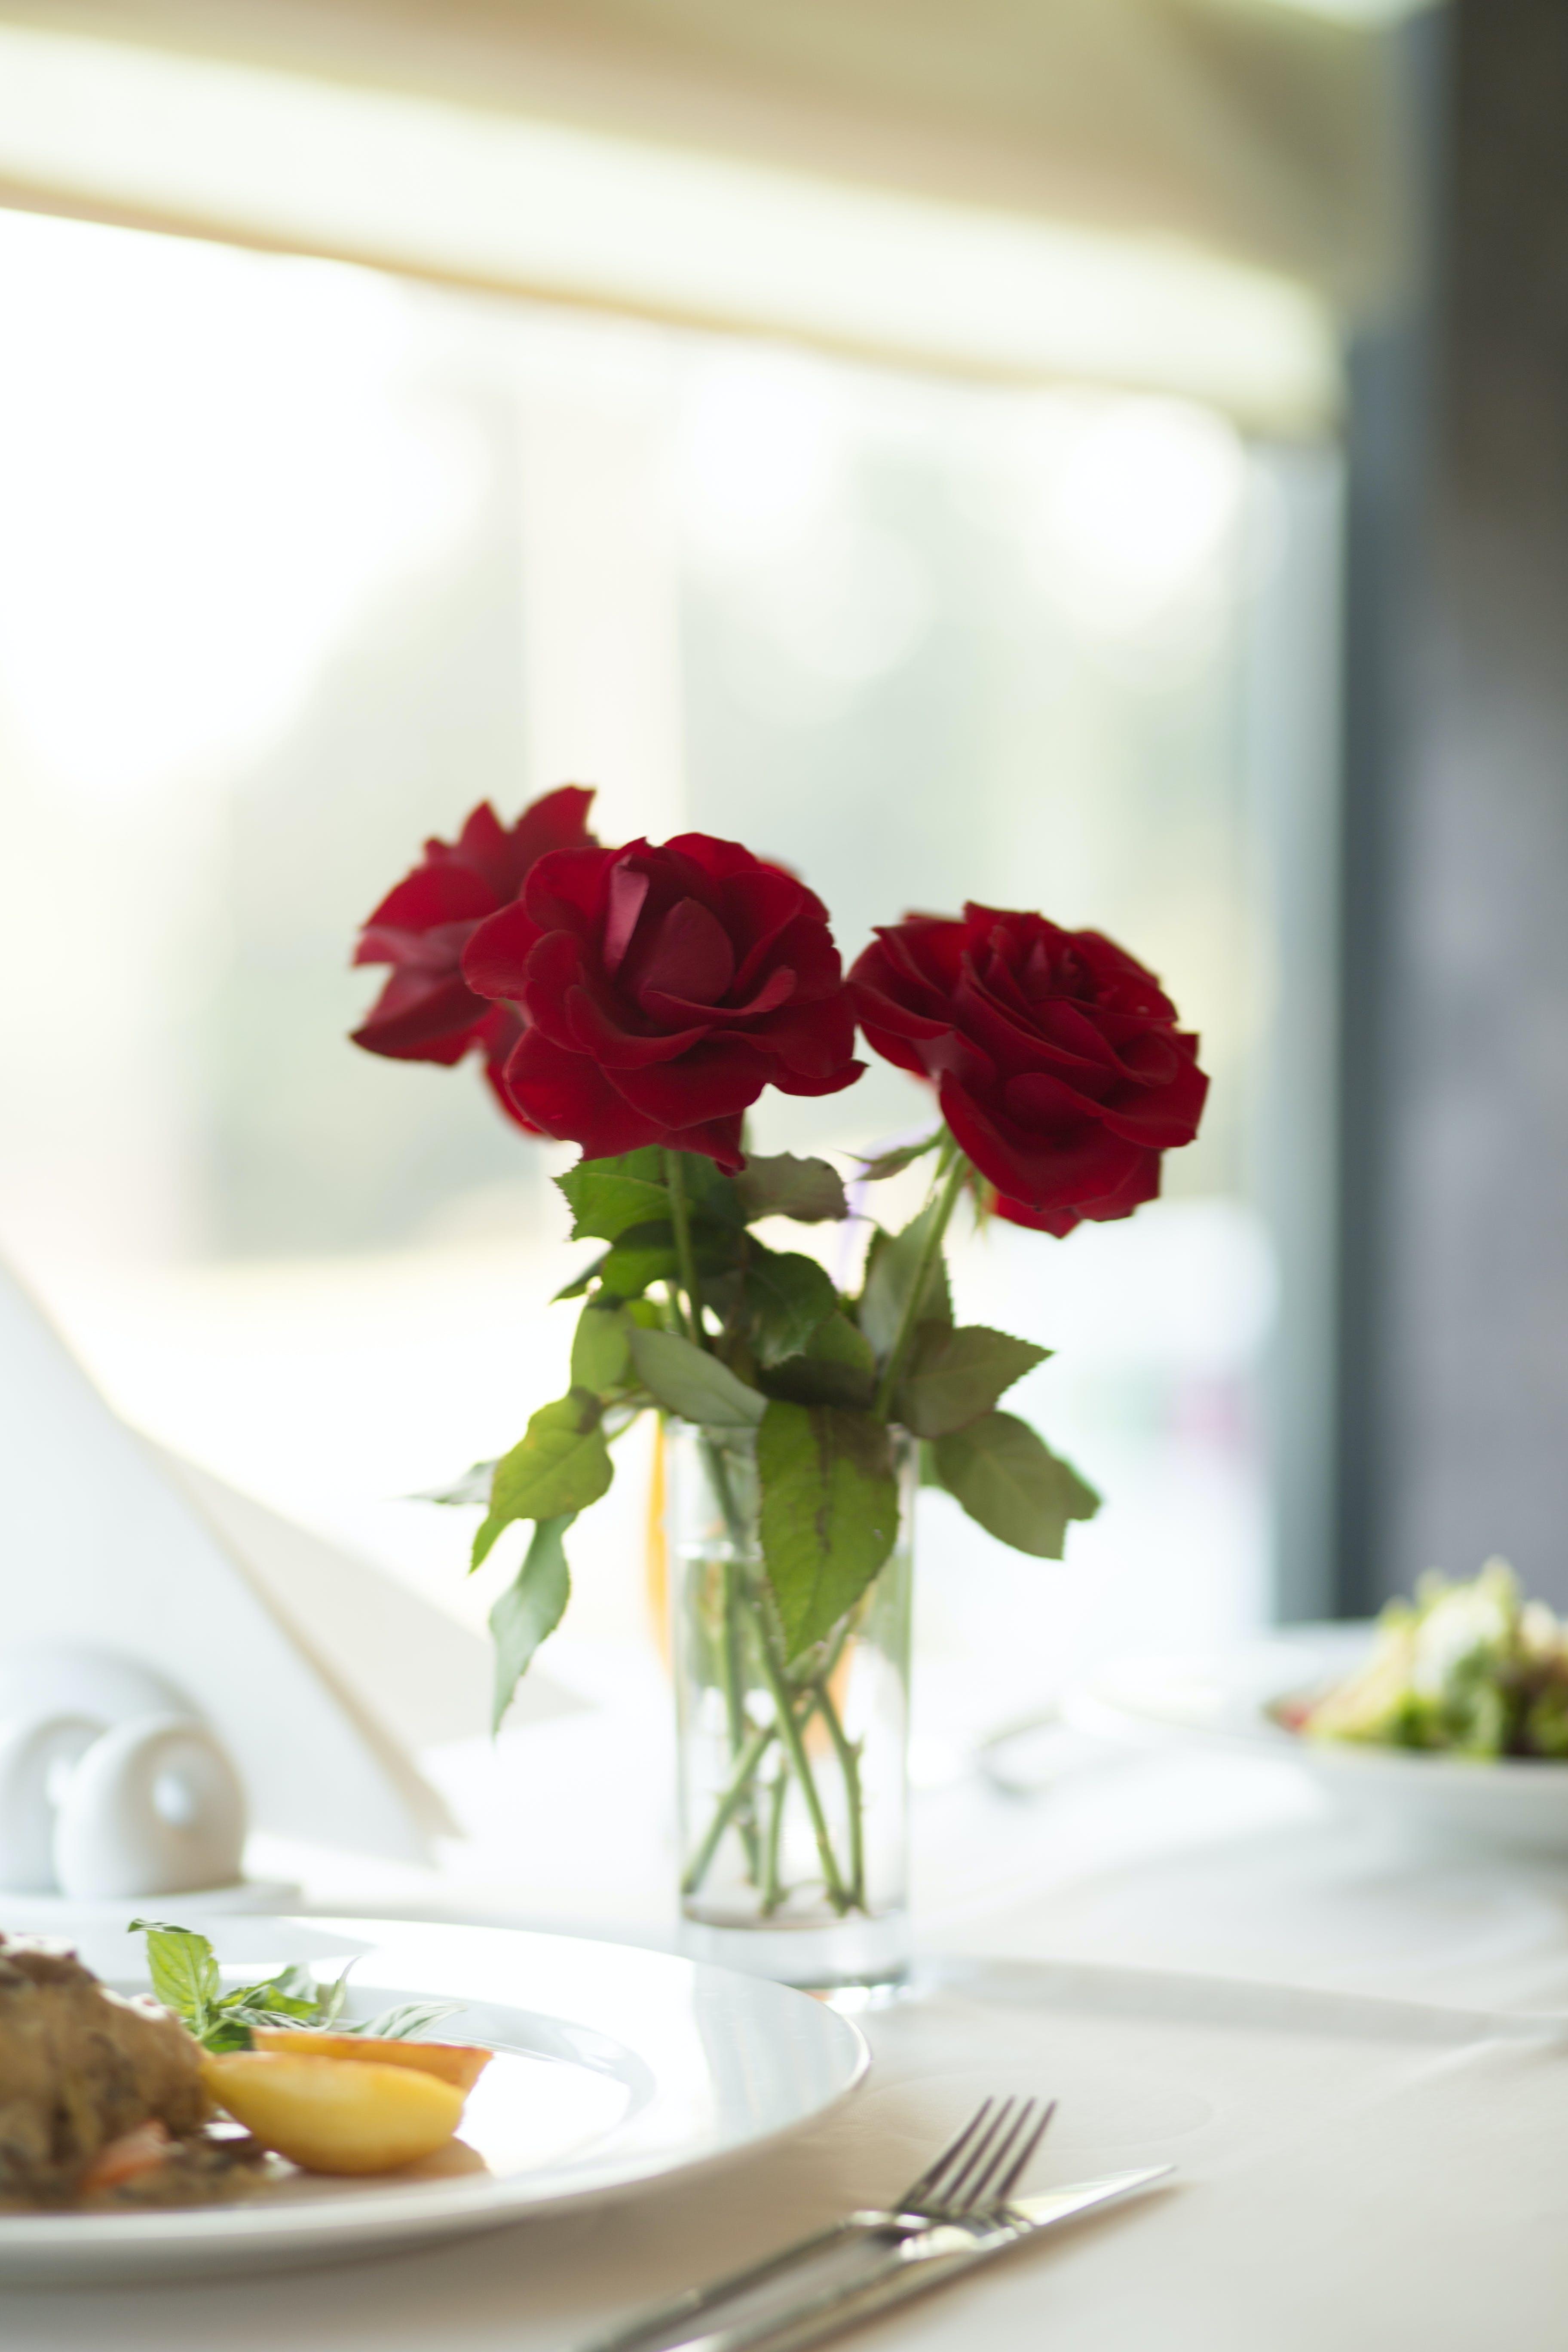 ガラス, テーブルクロス, テーブルセッティング, バラの無料の写真素材